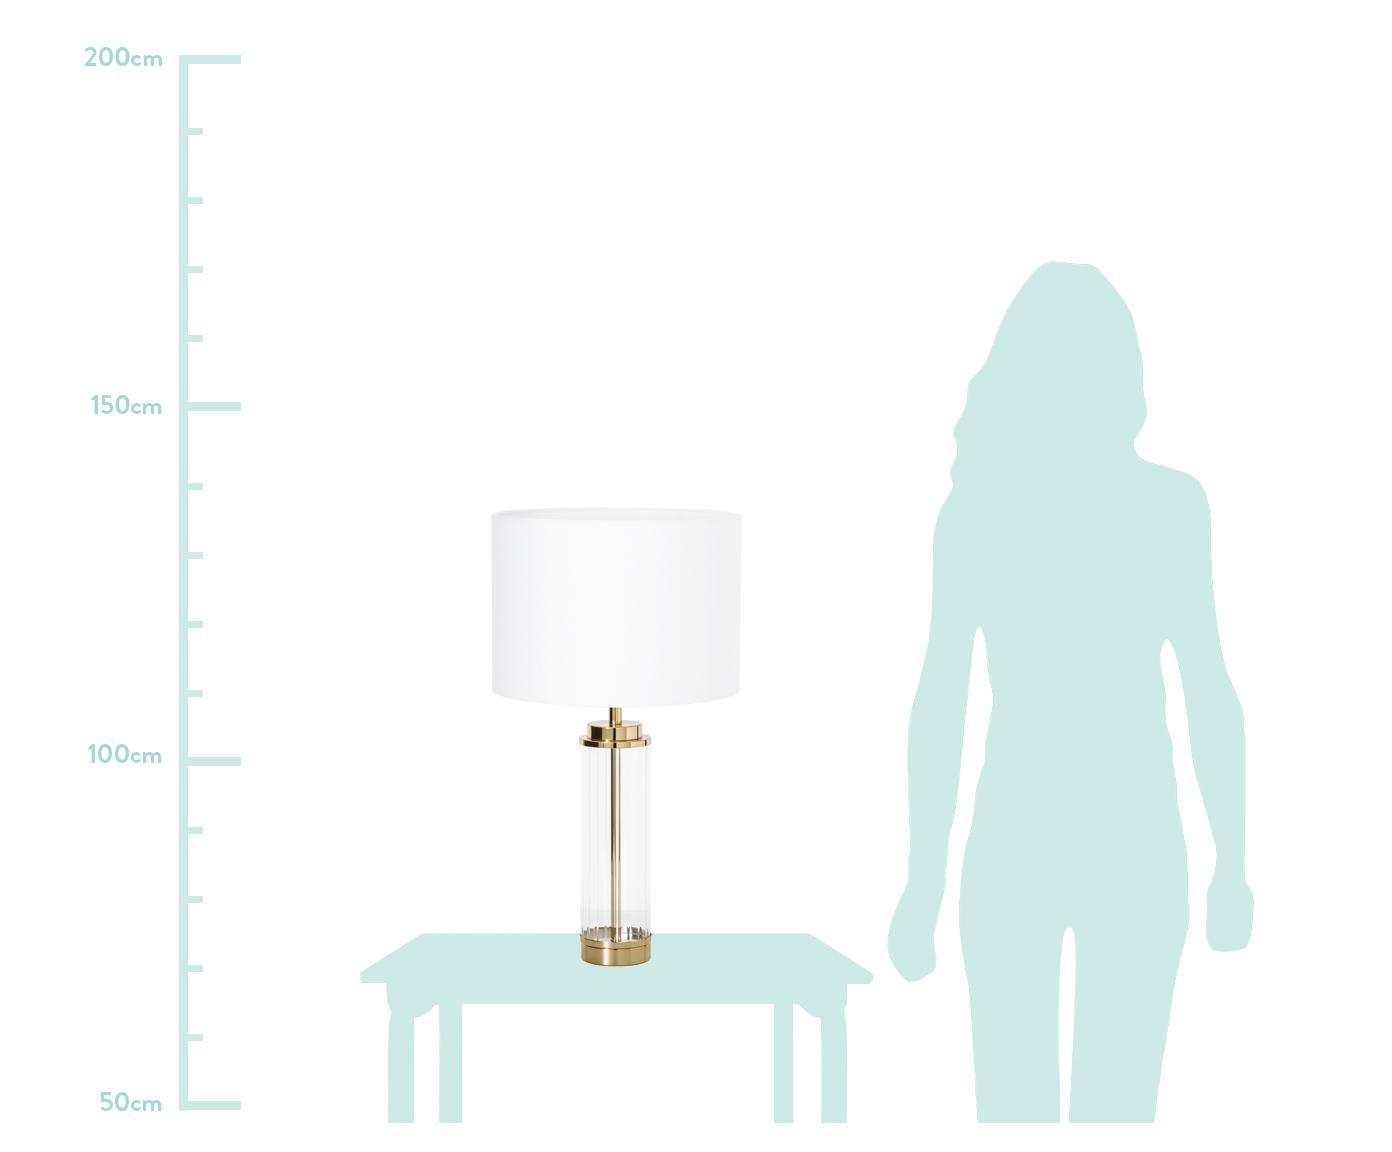 Große Glam-Tischlampe Gabor mit Glasfuß, Lampenschirm: Textil, Lampenfuß: Metall, Glas, Lampenschirm: Creme.Lampenfuß: Goldfarben, Ø 35 x H 64 cm